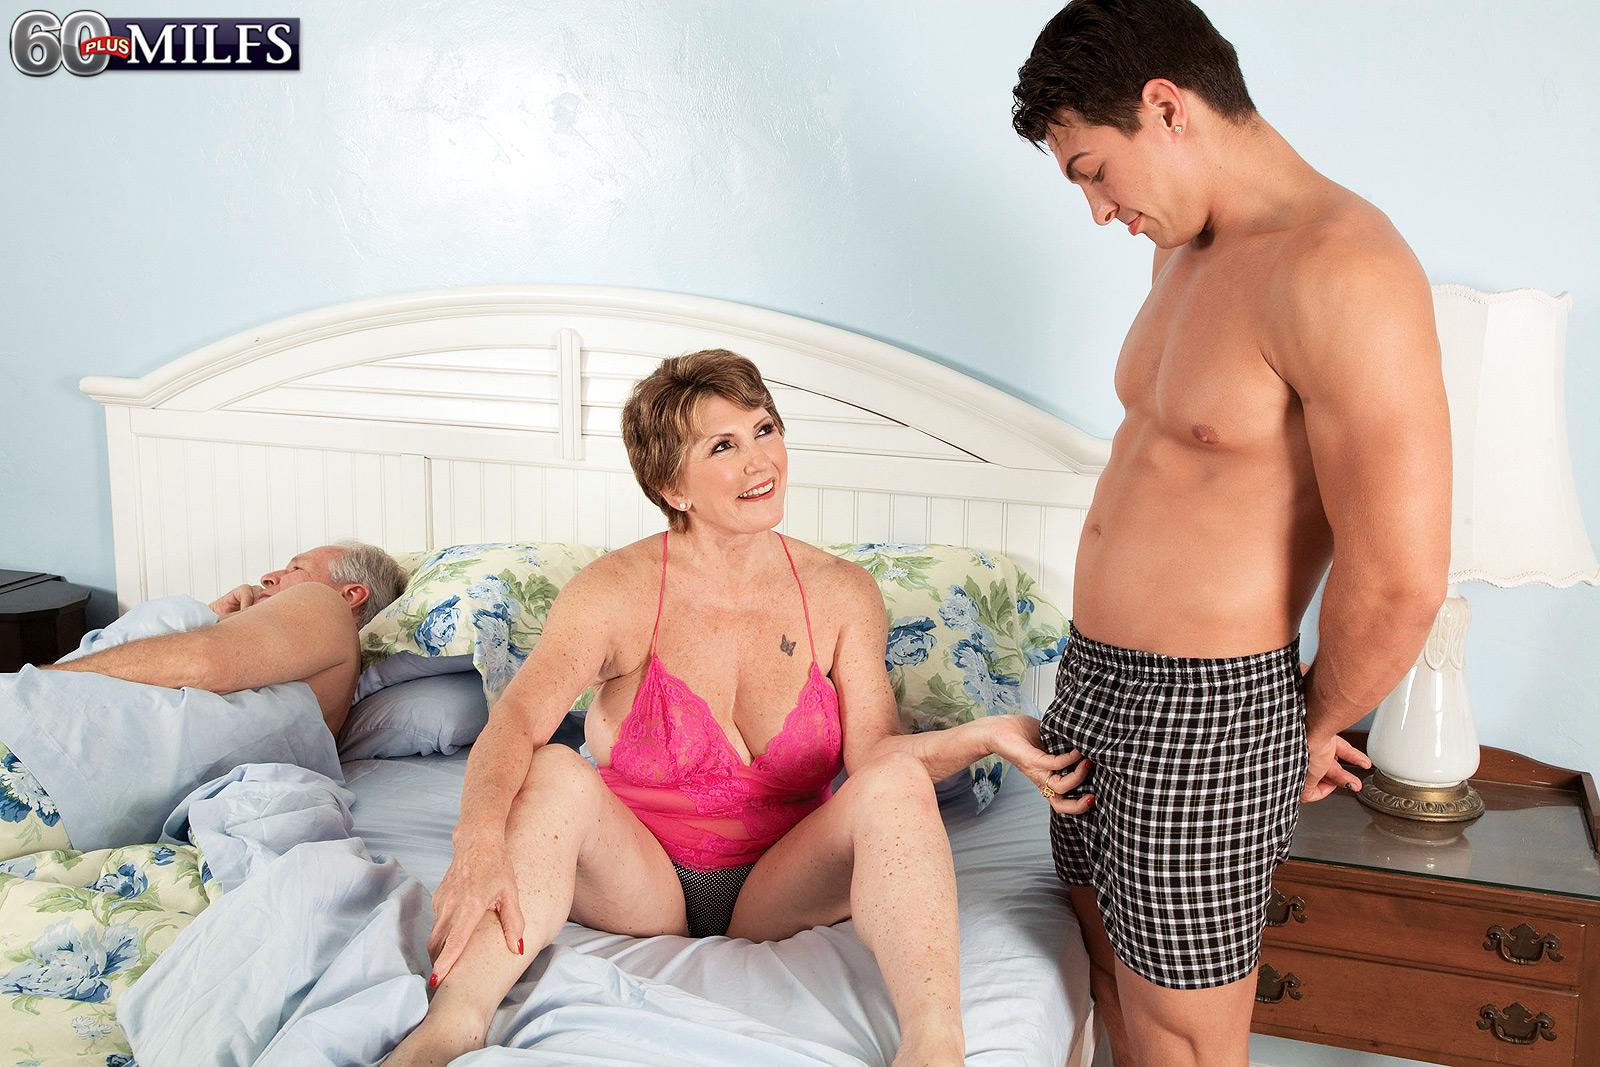 Сисястая мама пристает к сыну 15 фотография